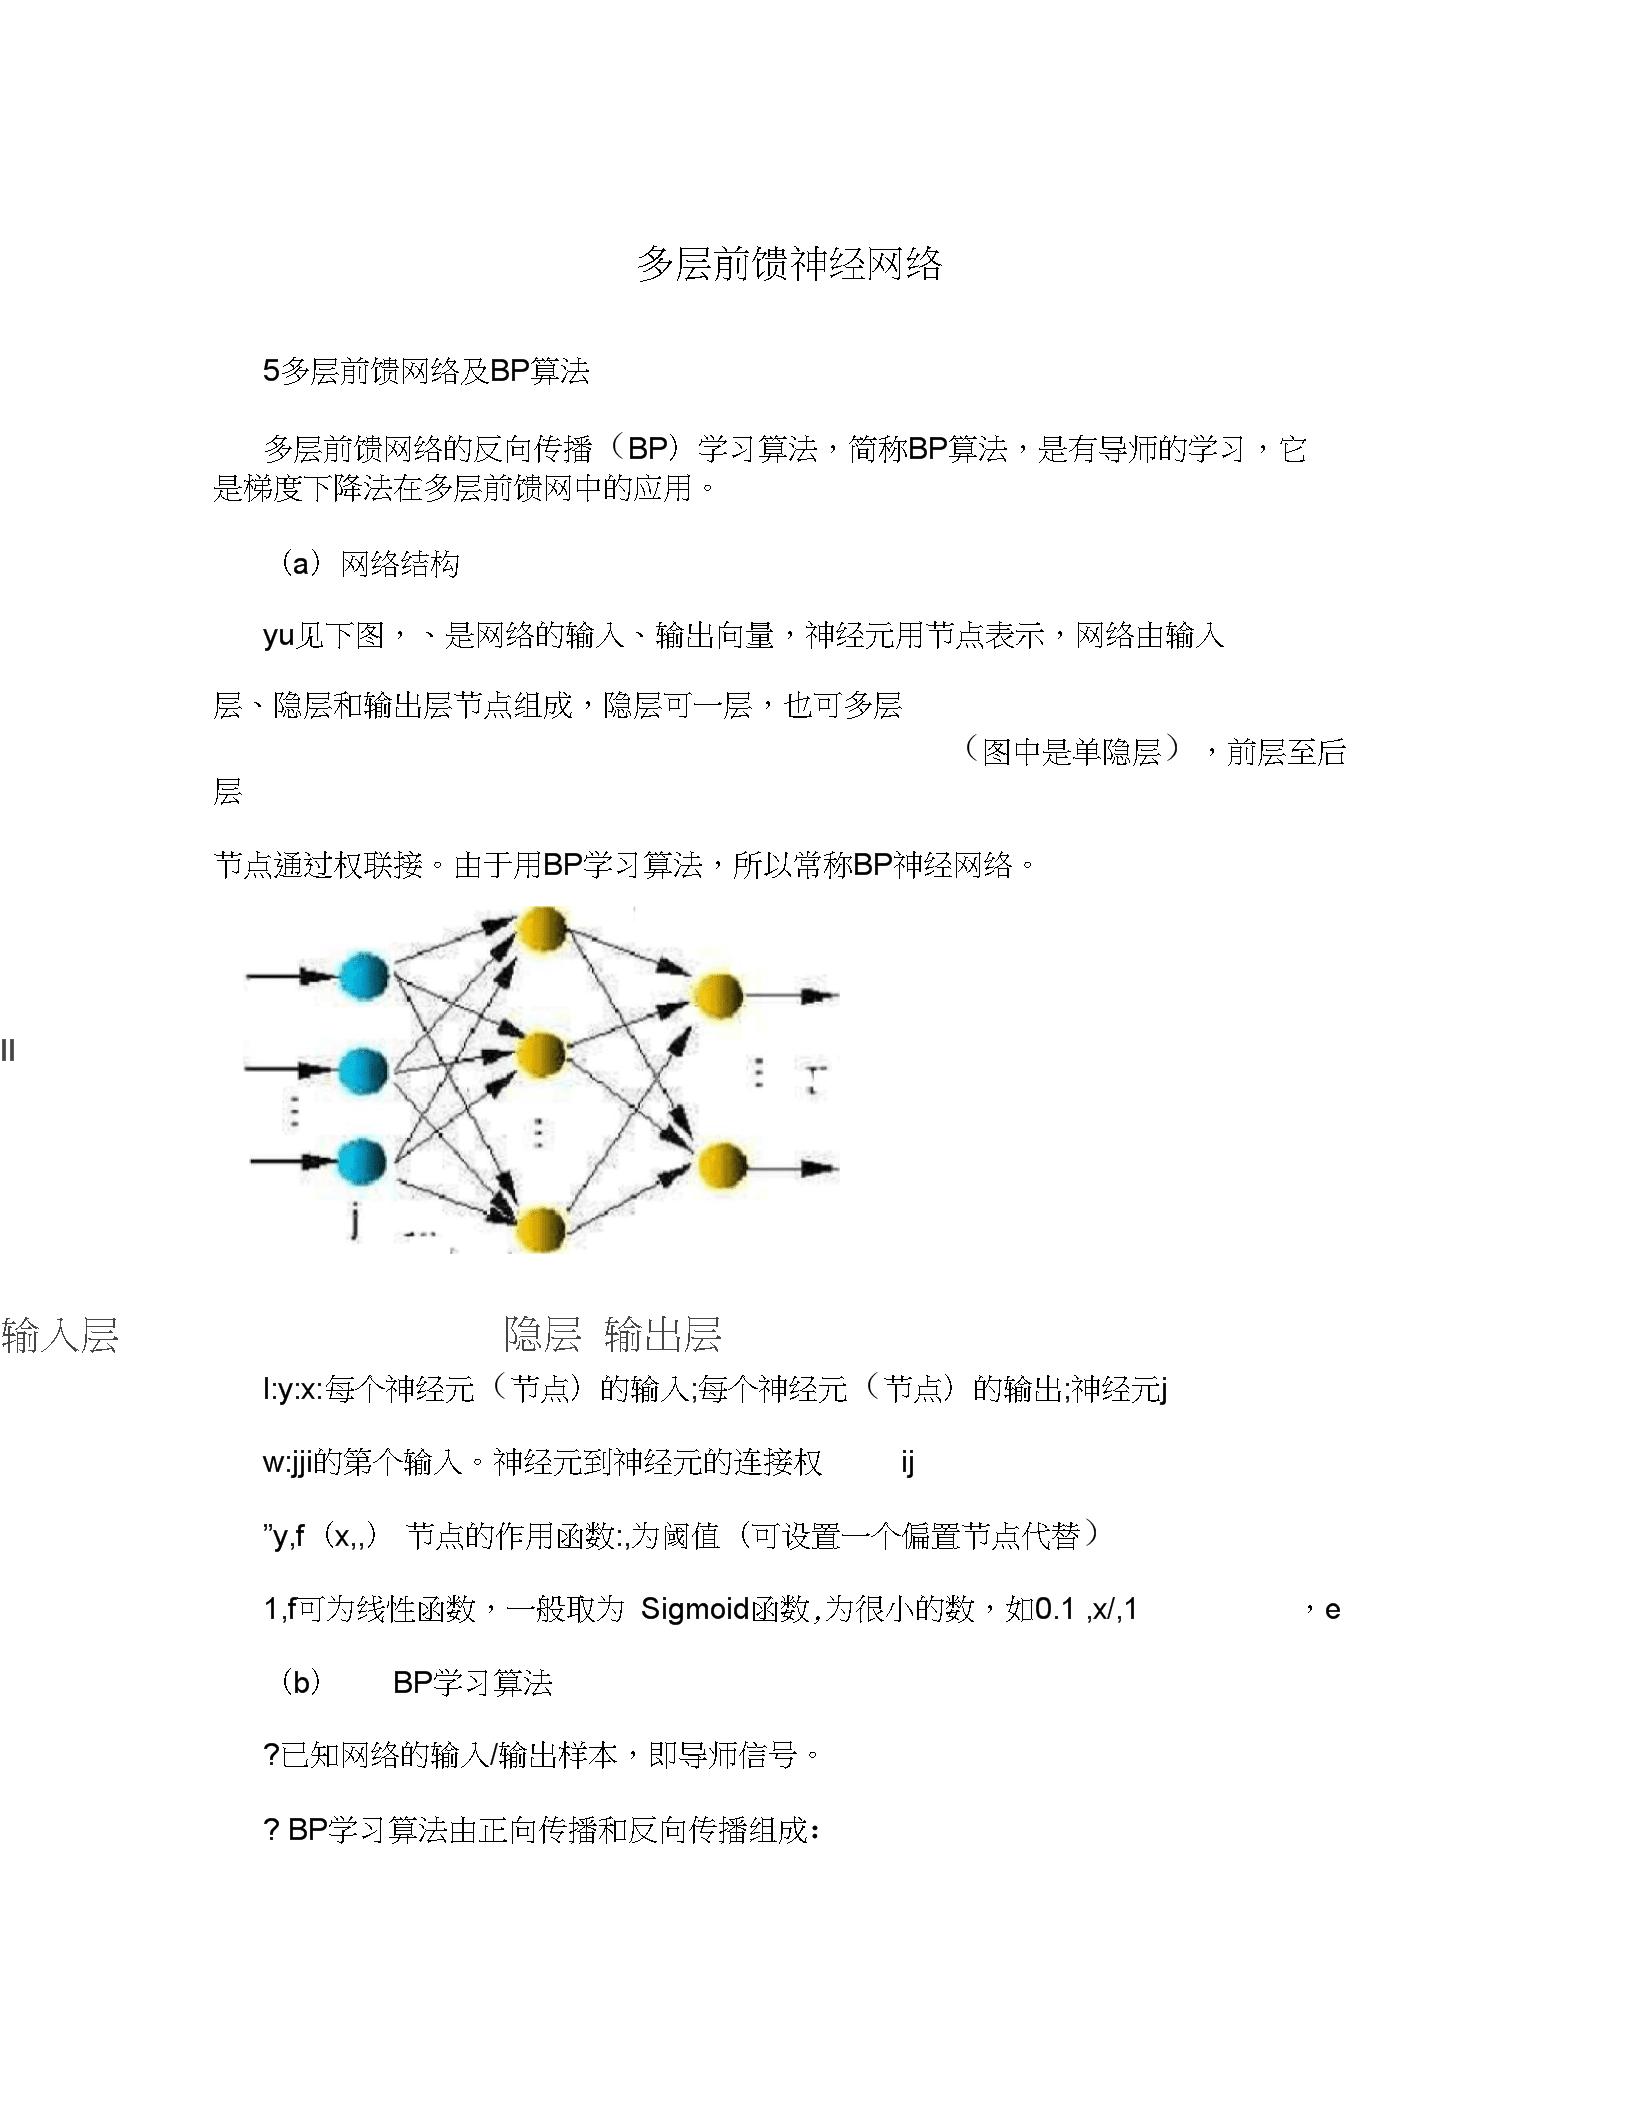 多层前馈神经网络.docx